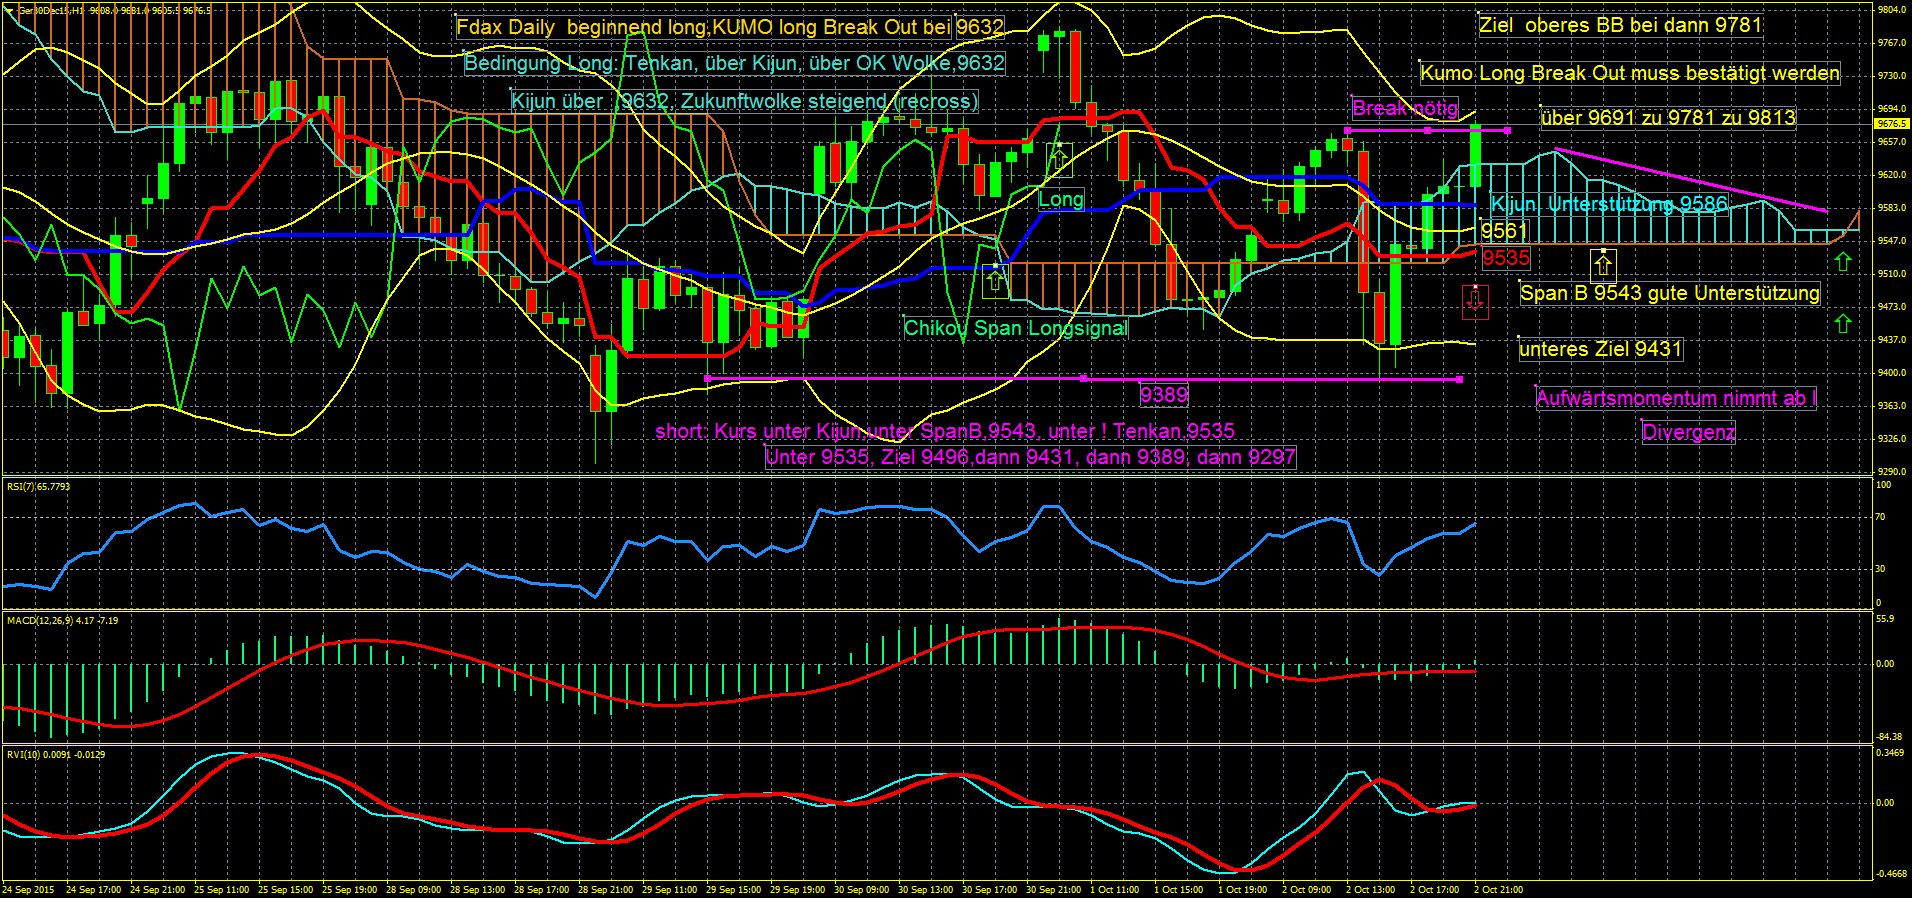 Dow-Jones-SP-500-Nasdaq-Dax-Gold-mit-Monsterkerze-welch-eine-Handelswoche-Achterbahn-vom-Feinsten-nichts-für-schwache-Nerven-Chartanalyse-Erich-Schmidt-GodmodeTrader.de-1